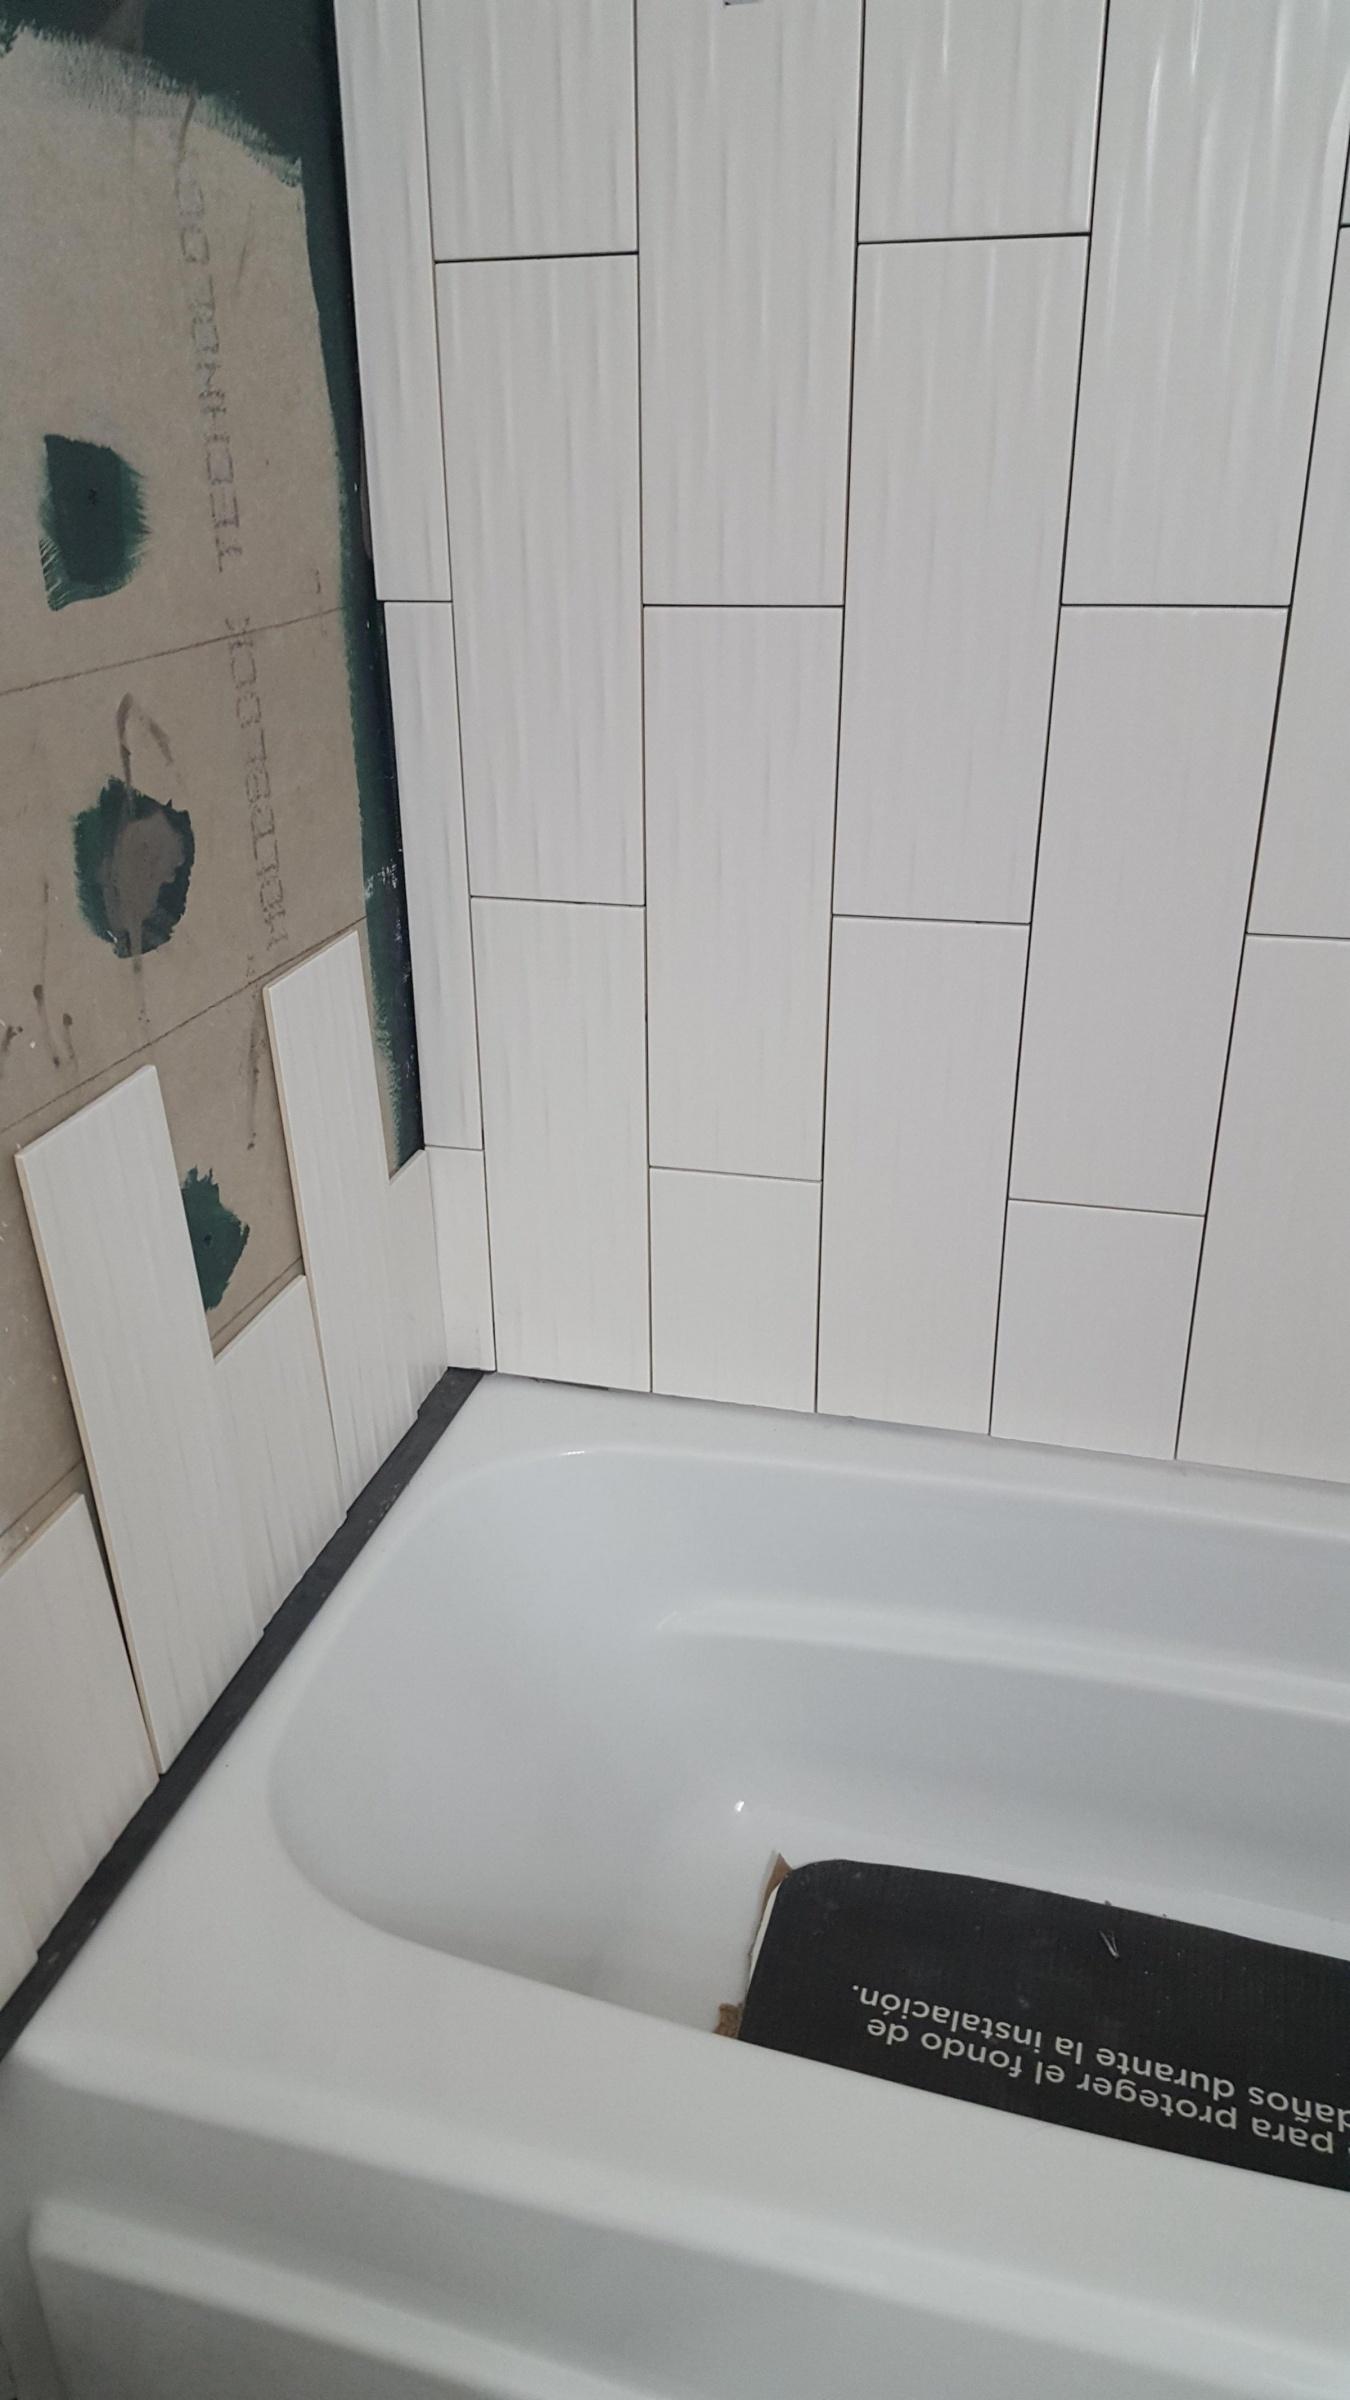 Shower Tile-20181124_160710_1543104449887.jpg